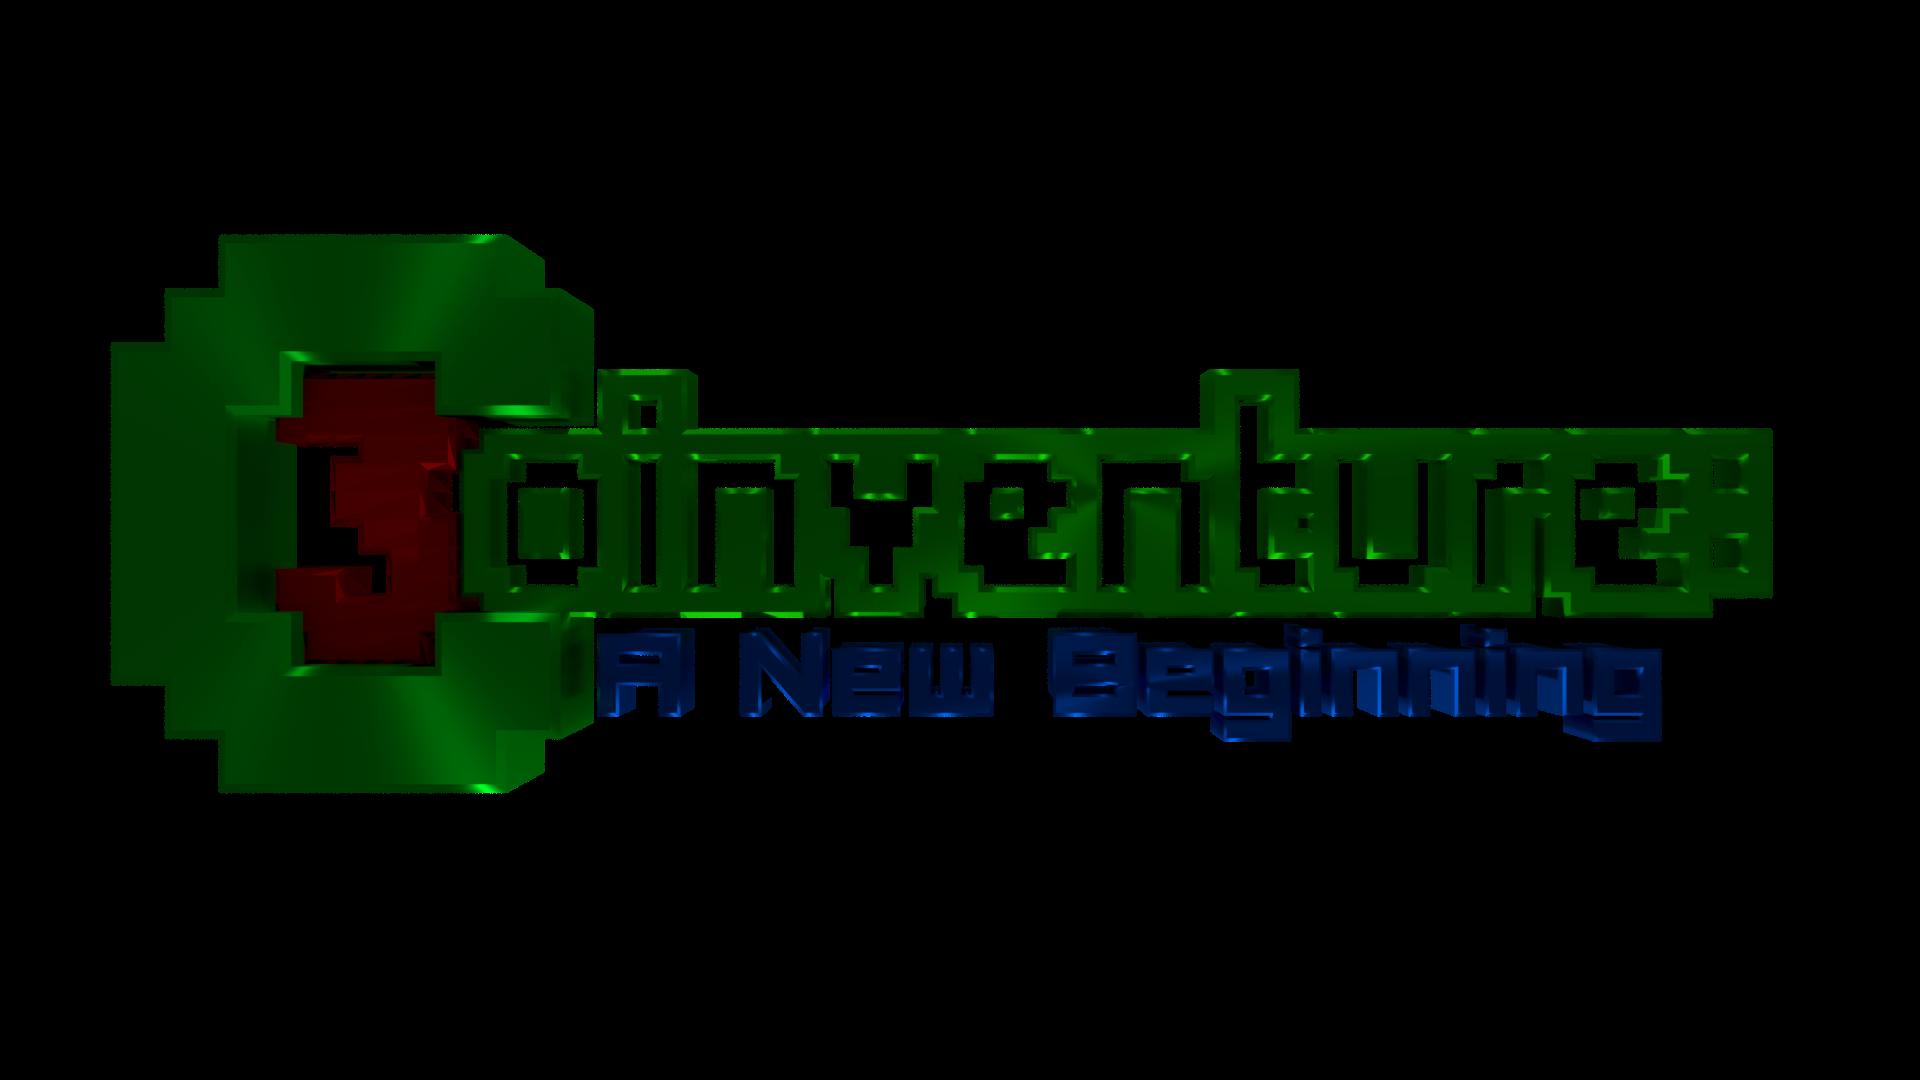 Coinventure 3: A New Beginning